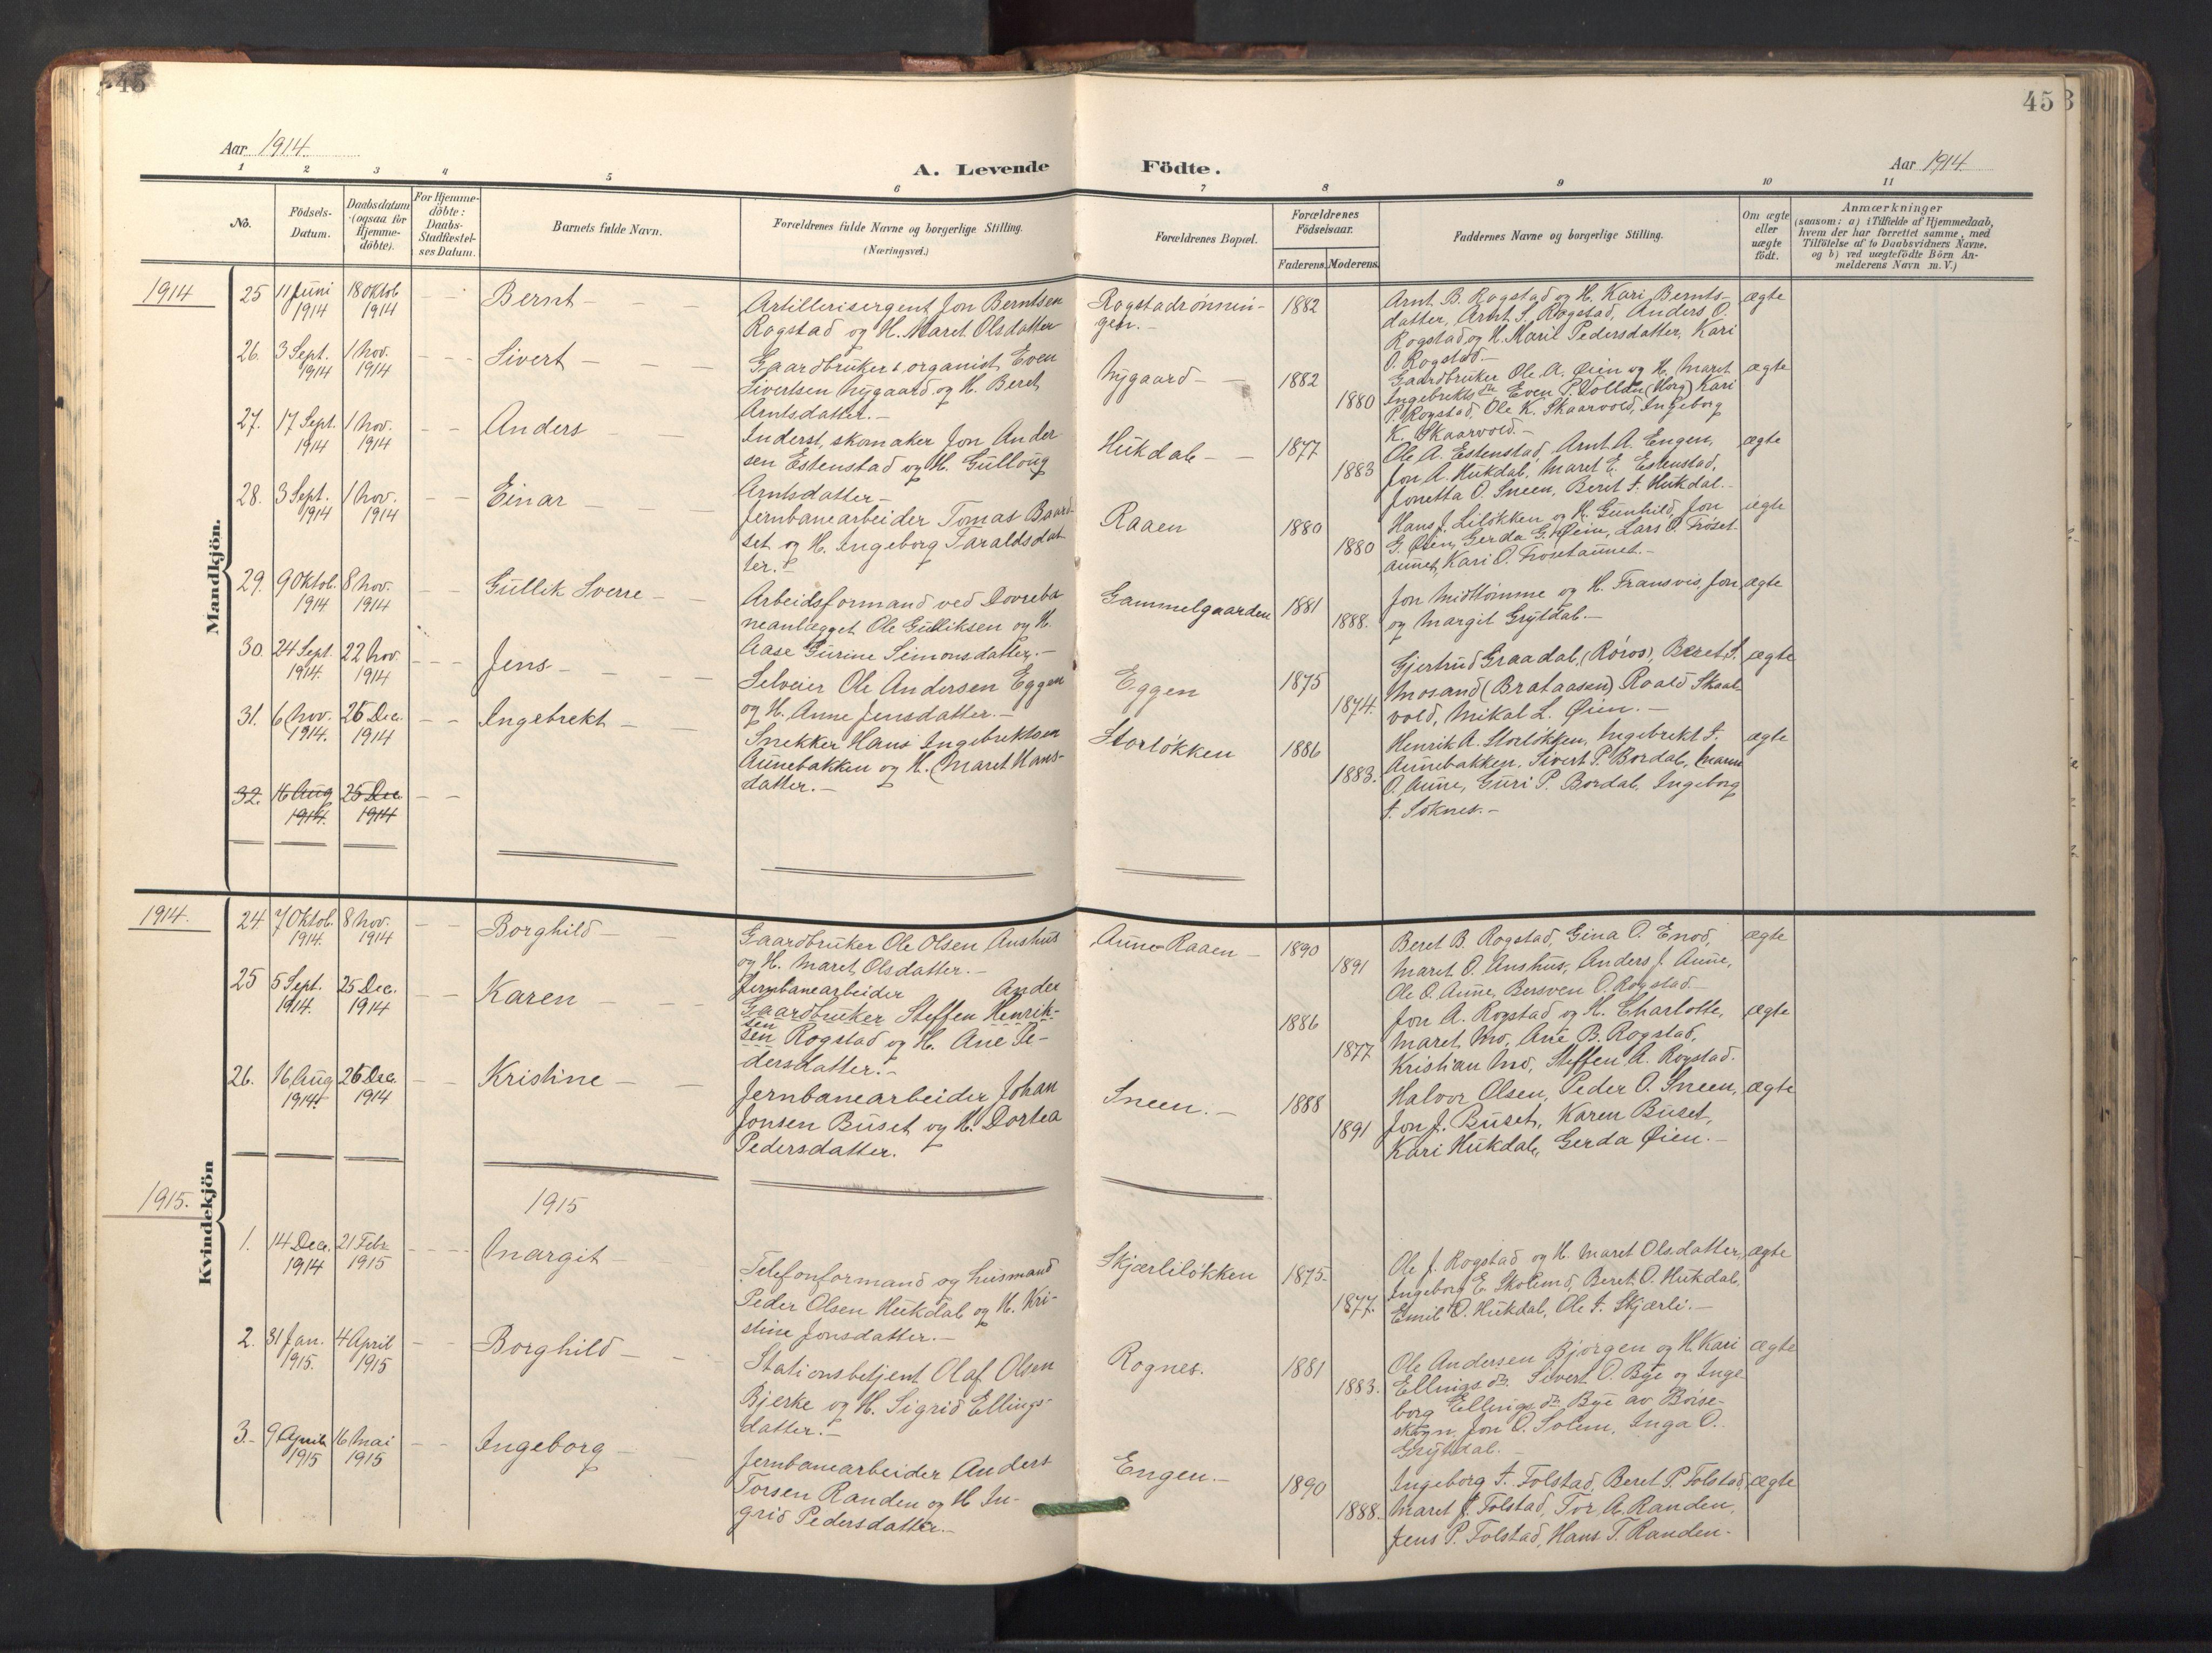 SAT, Ministerialprotokoller, klokkerbøker og fødselsregistre - Sør-Trøndelag, 687/L1019: Klokkerbok nr. 687C03, 1904-1931, s. 45